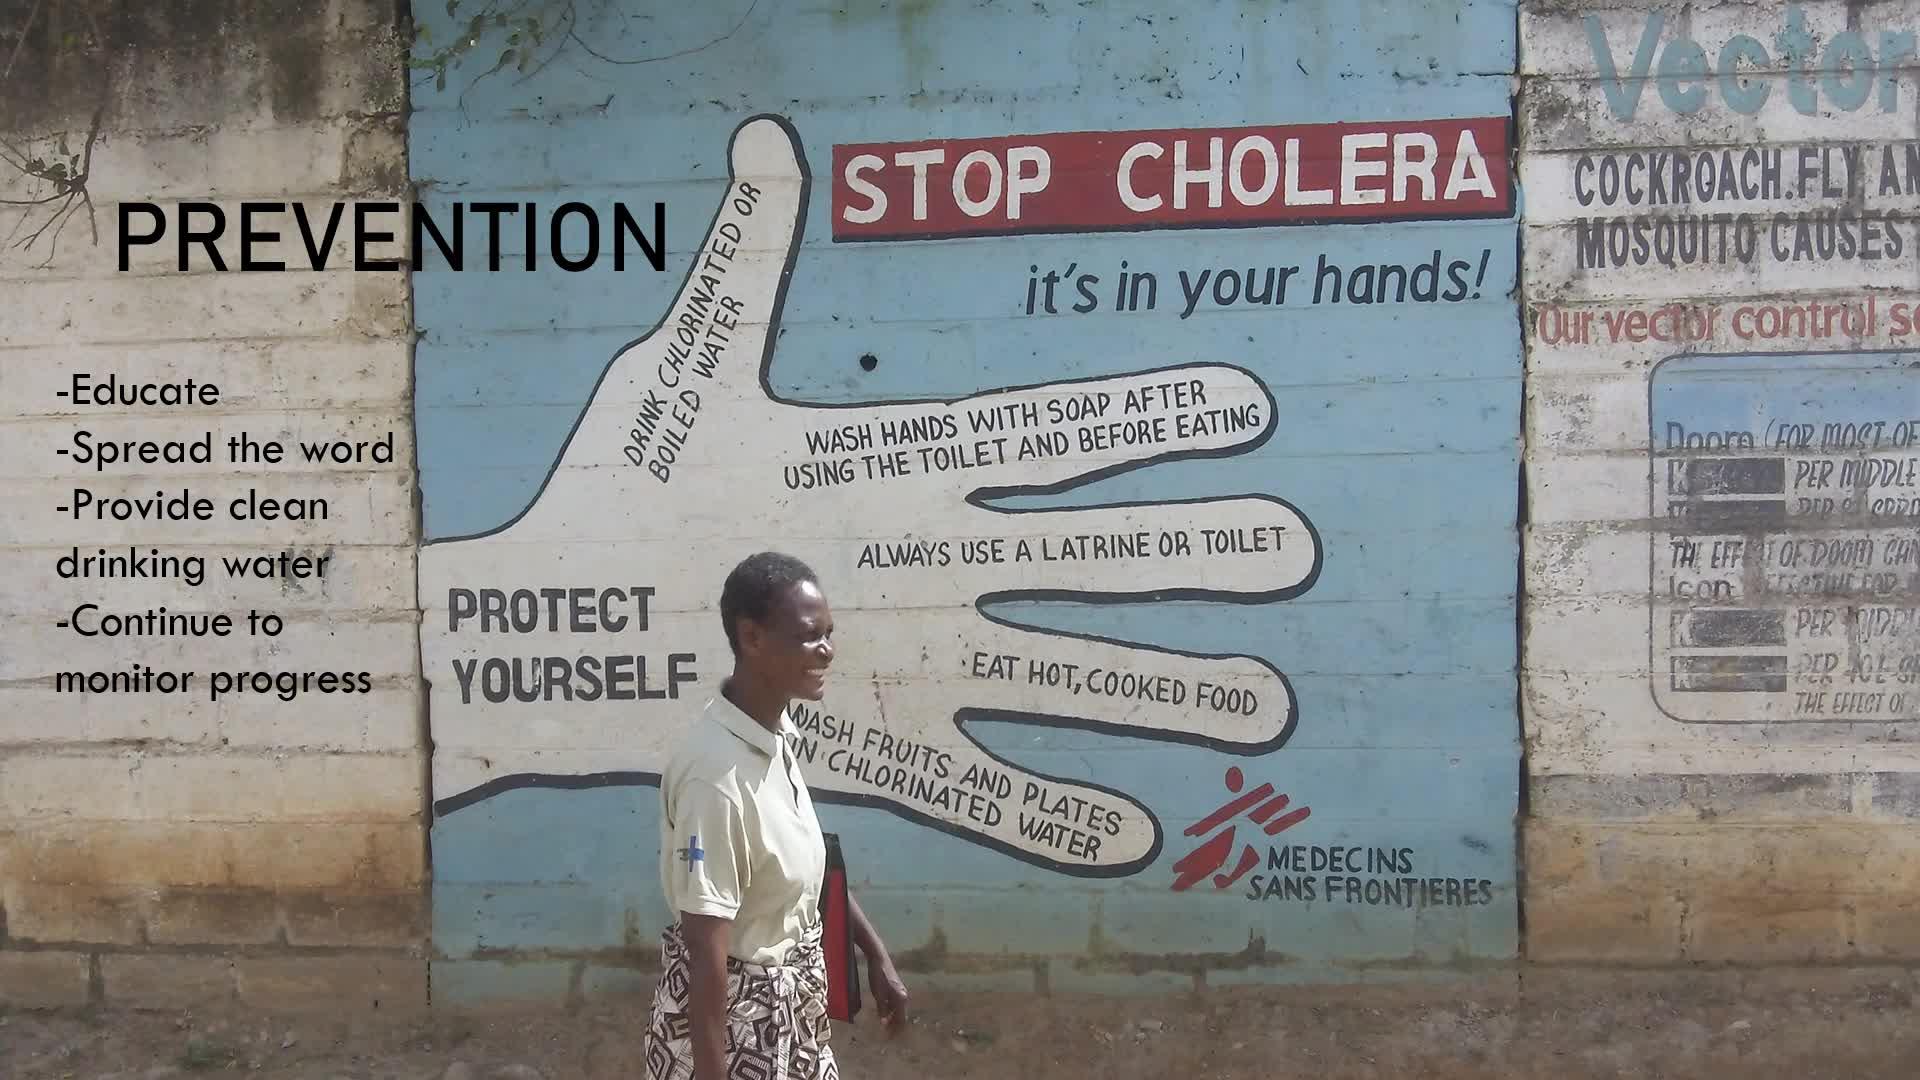 Controlling Cholera PHSA